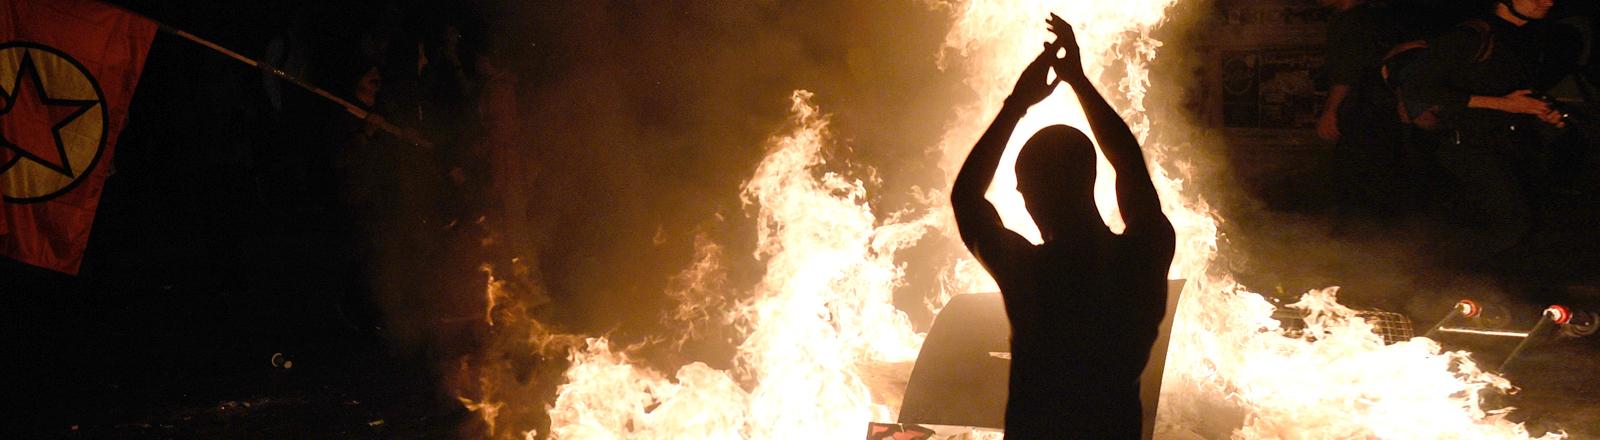 Demonstrant wirft im Hamburger Schanzenviertel Holzstücke in brennende Barrikade vor der Roten Flora